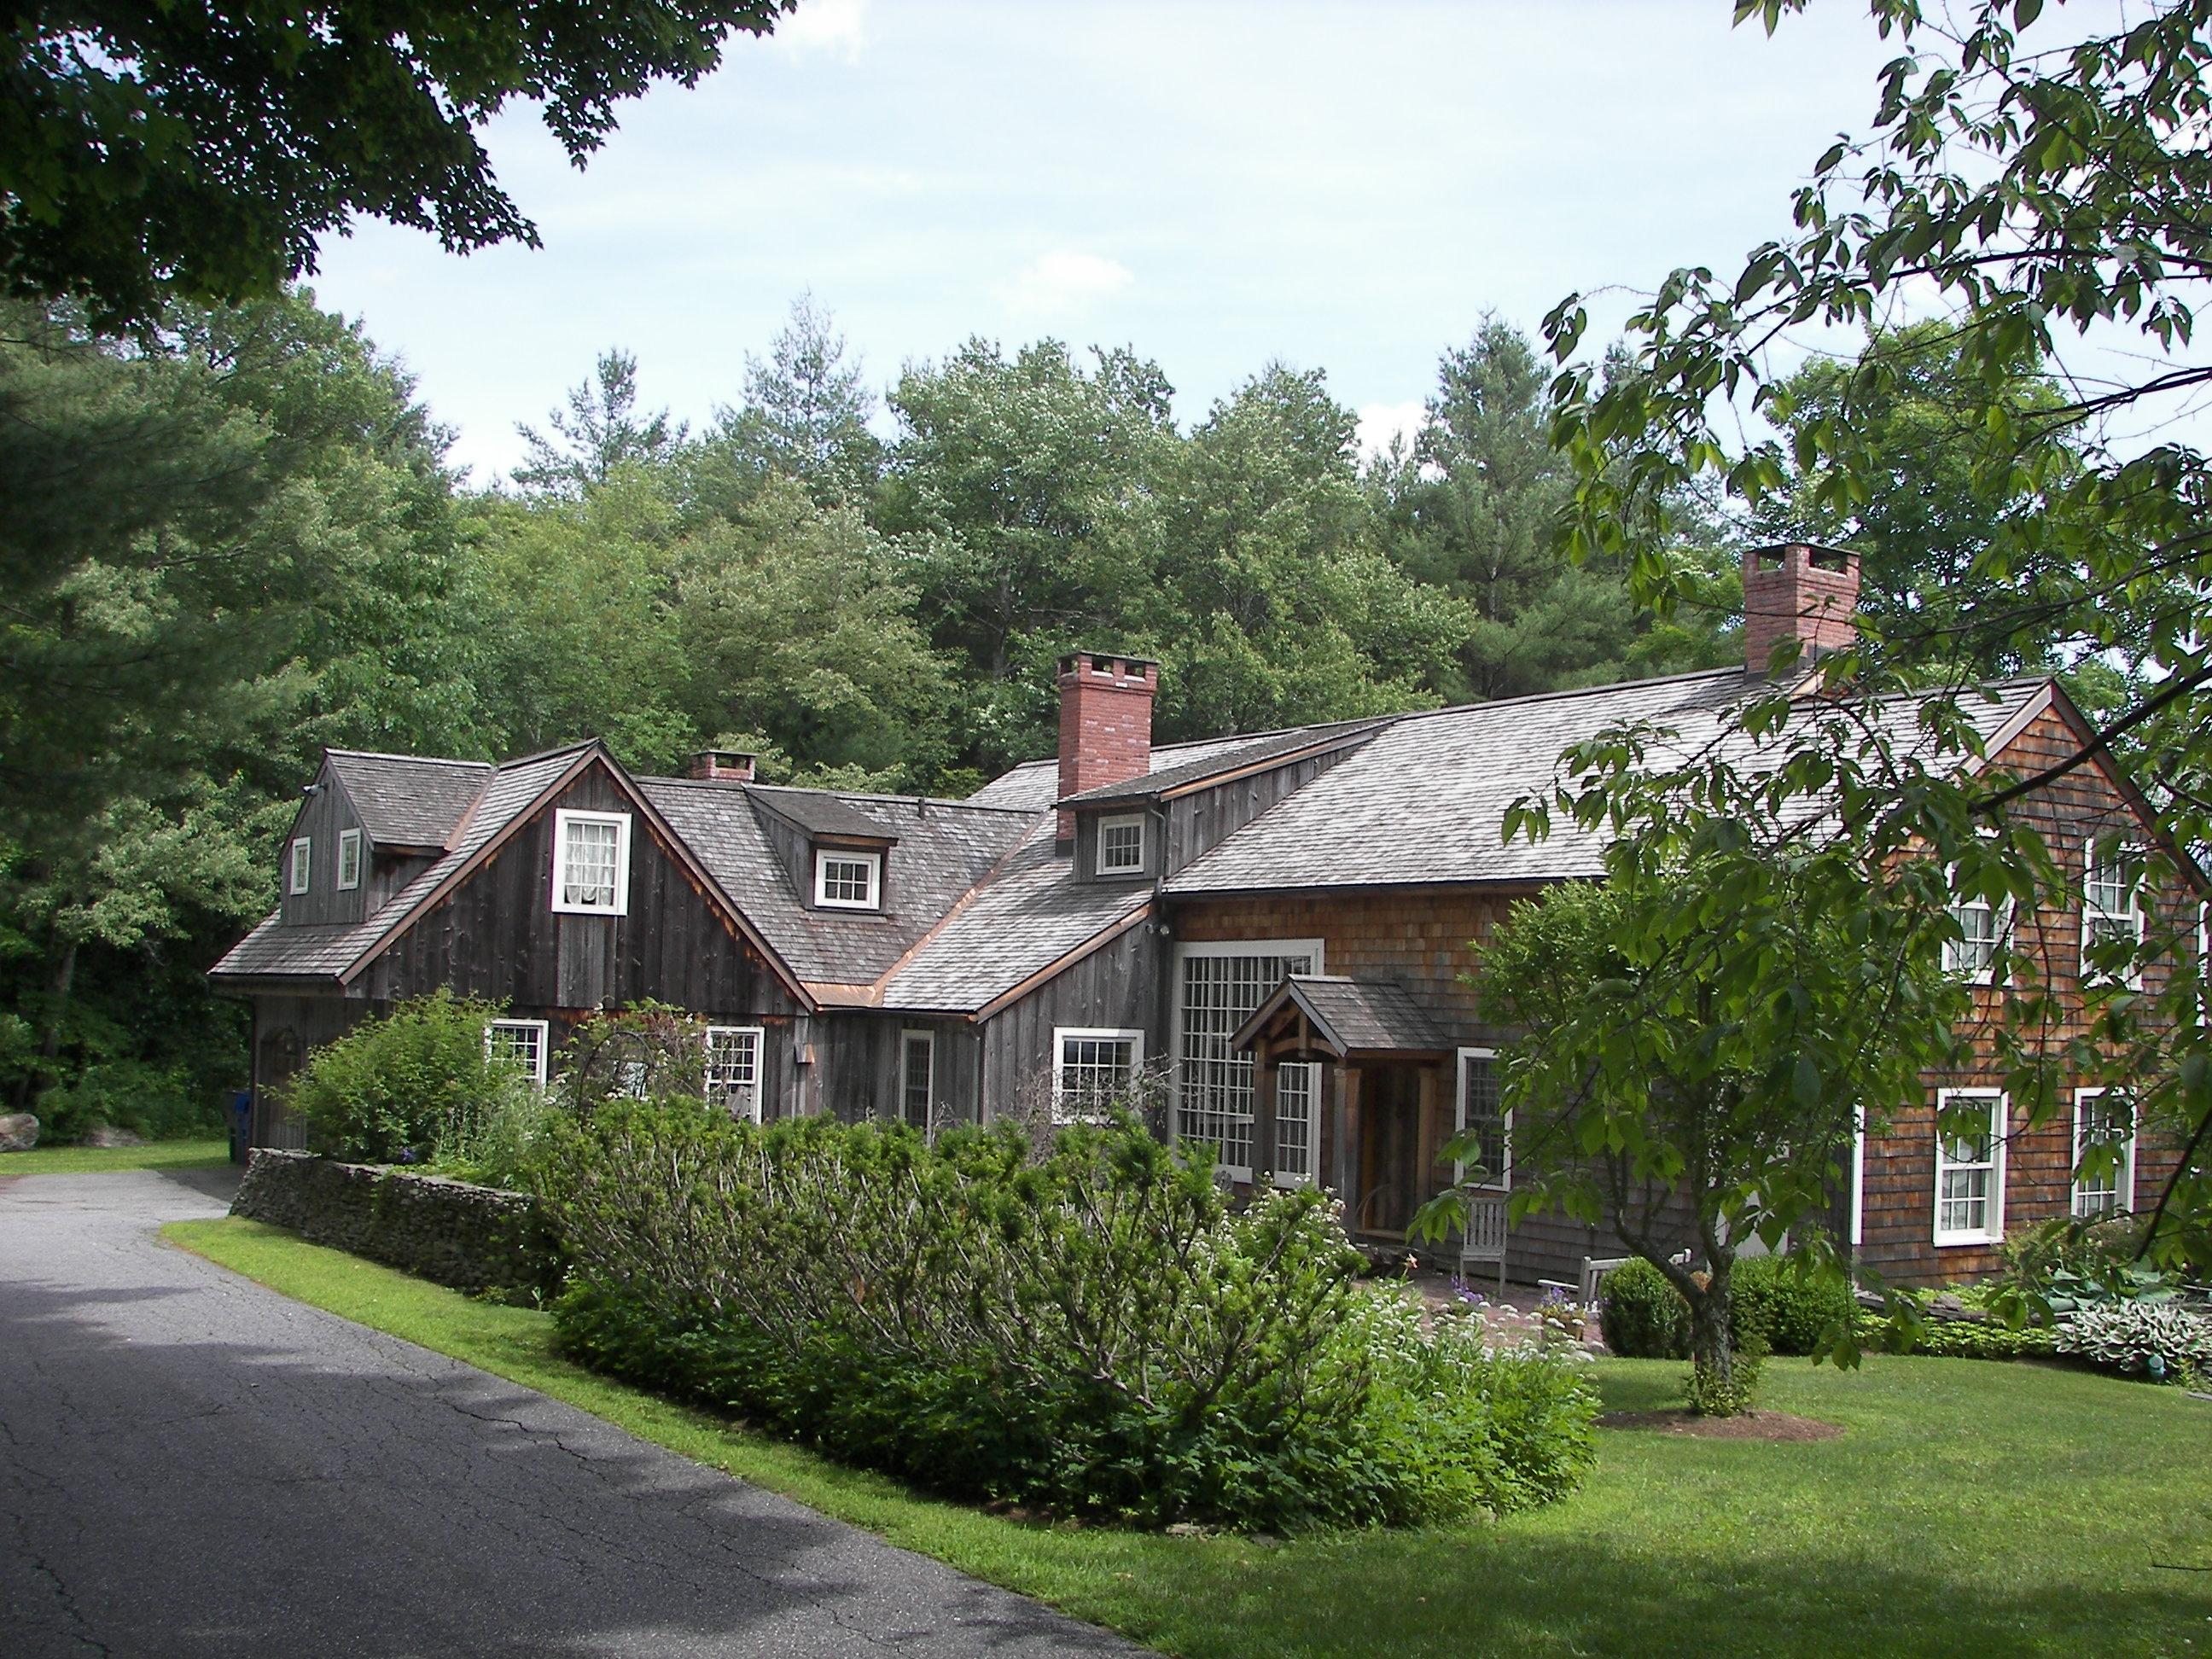 Casa Unifamiliar por un Venta en Classic 1899 Antique Barn Home 58 Saw Mill Rd Litchfield, Connecticut, 06759 Estados Unidos